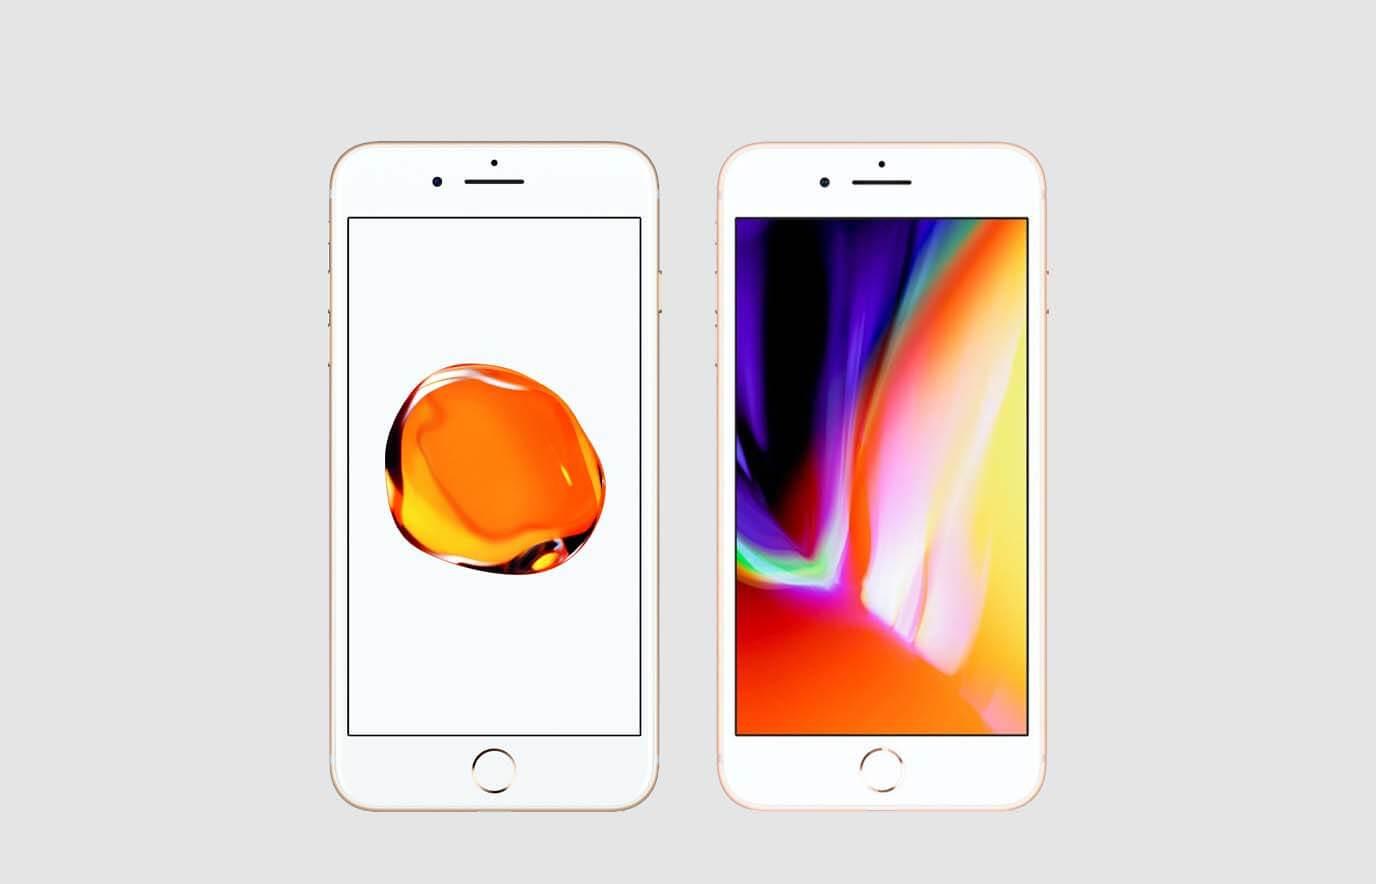 Wat is het verschil tussen de iPhone 7 en de iPhone 8?